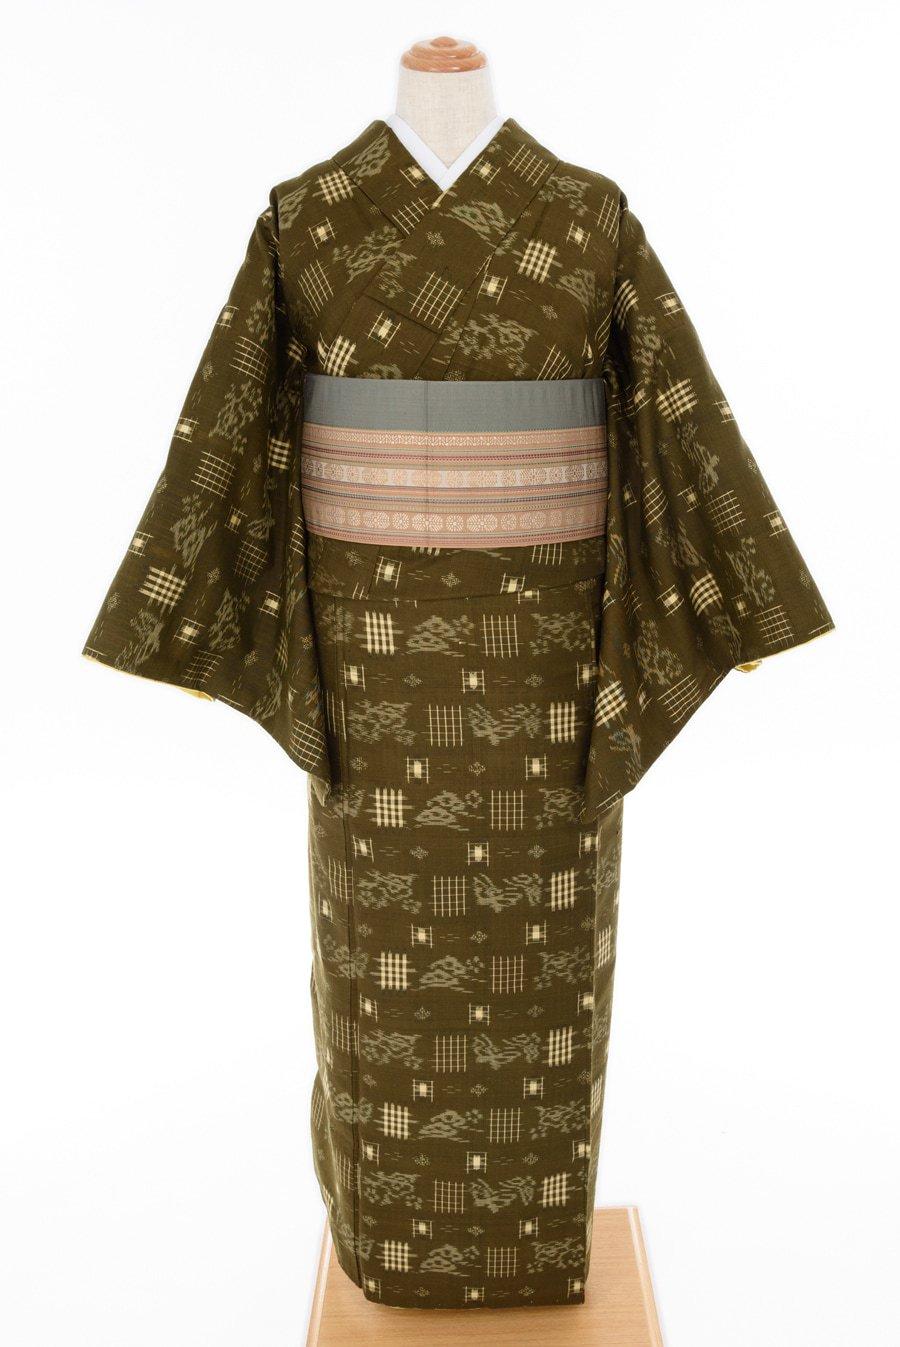 「紬 松と蝶々」の商品画像